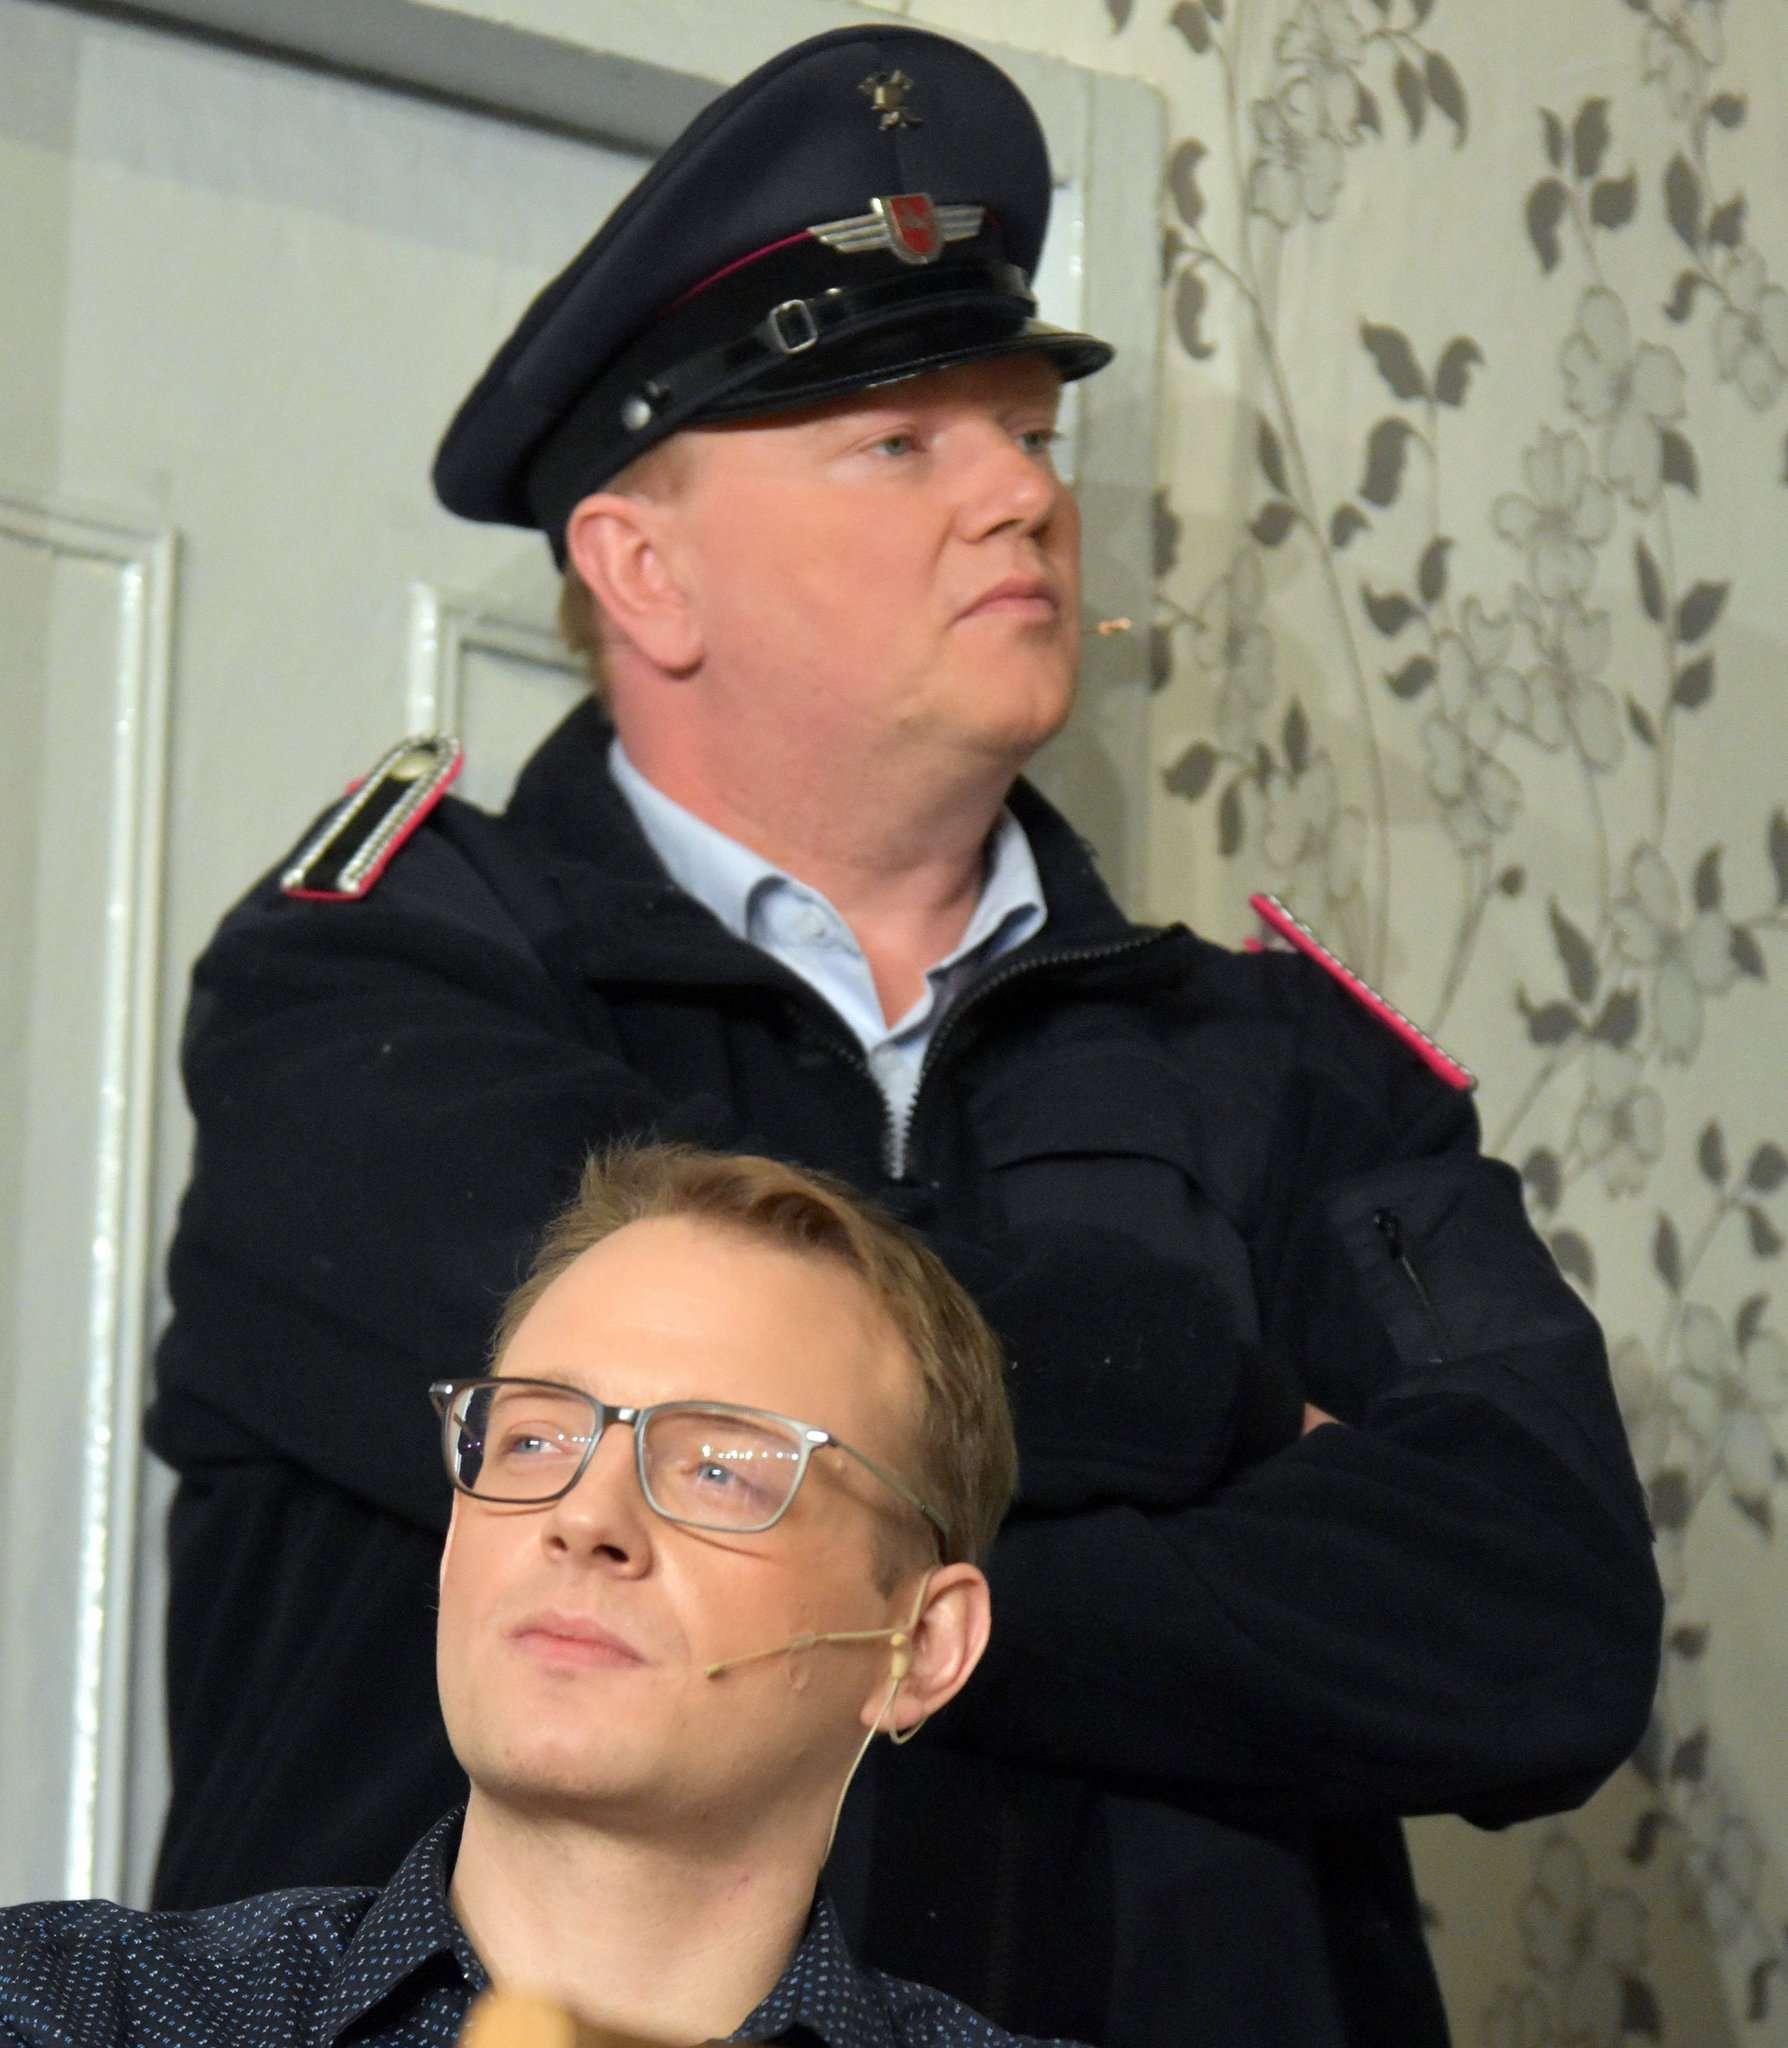 Oskar (vorne) und Alfons wollen Hugo aus der Bredouille helfen.